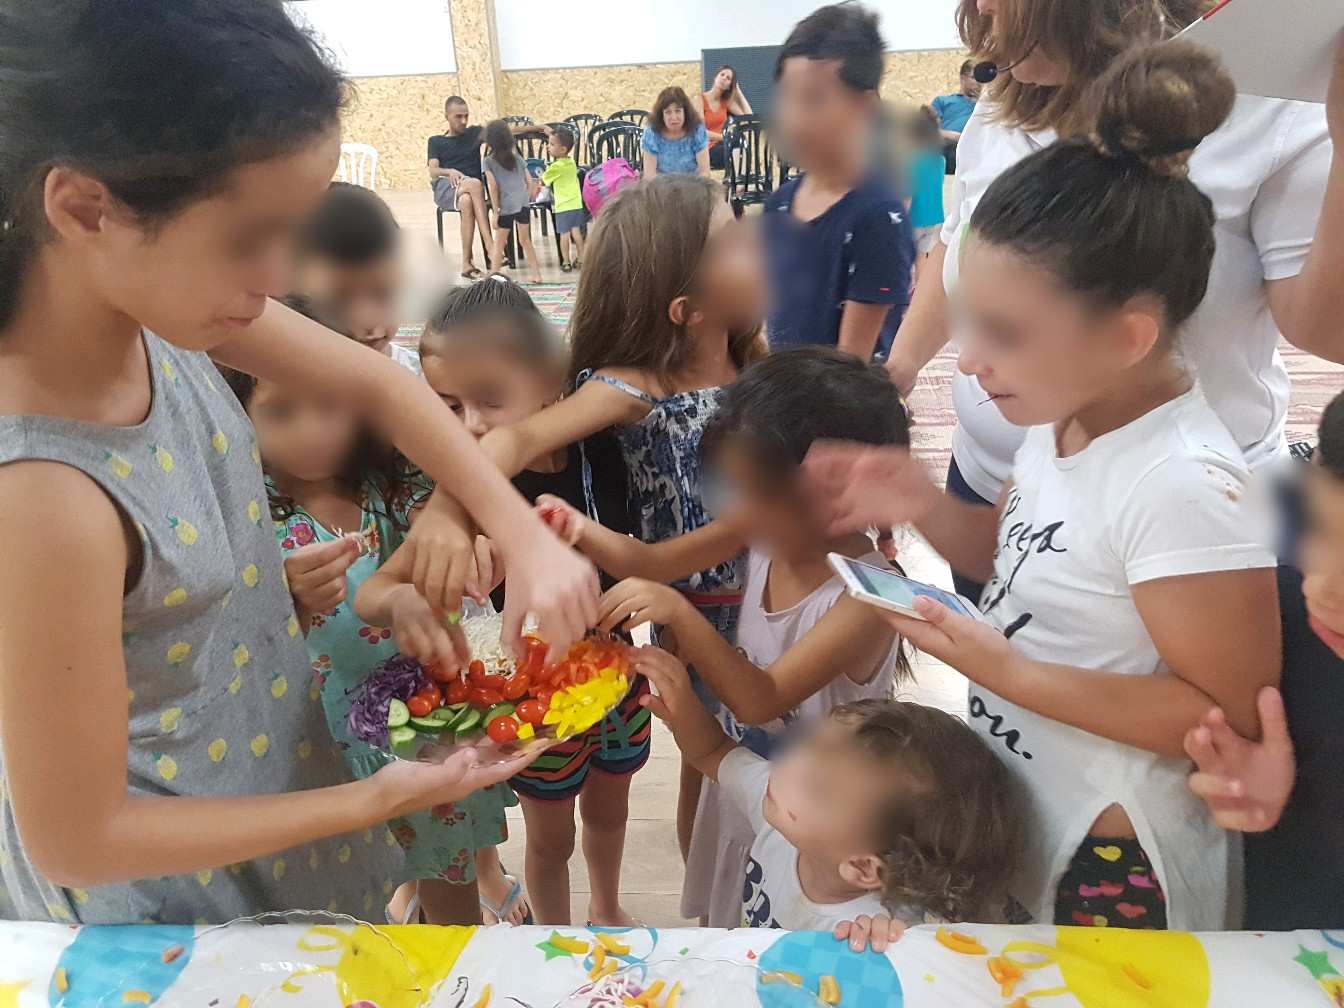 ילדים אוכלים ירקות ופירות בהנאה שחקו אות